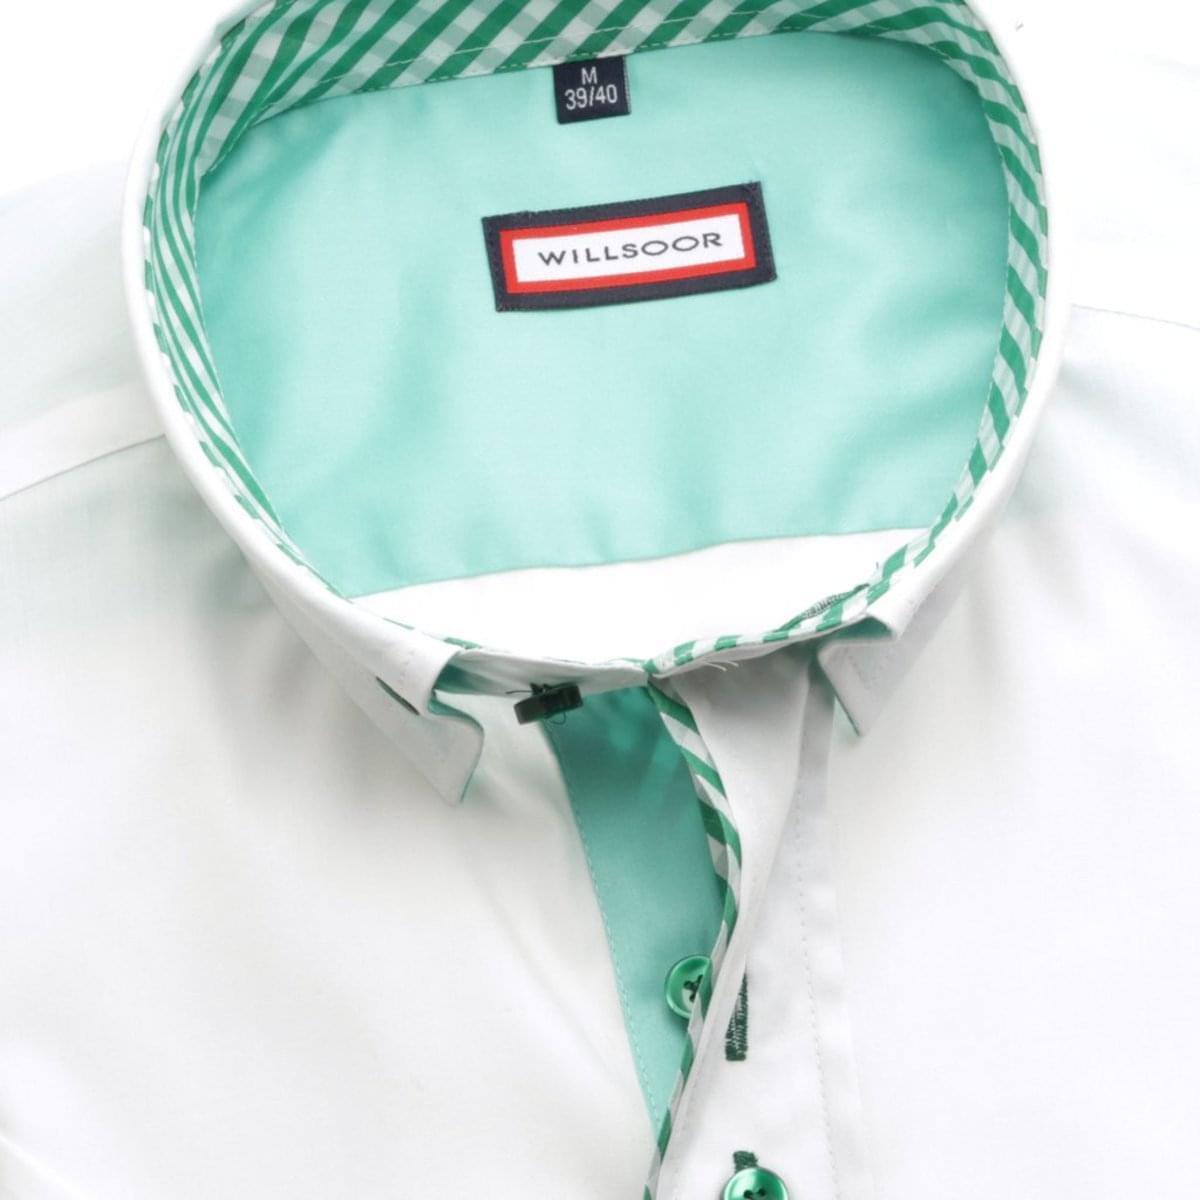 Pánska košele WR Classic v biele farbe (výška 176-182) 5134 176-182 / XL (43/44)